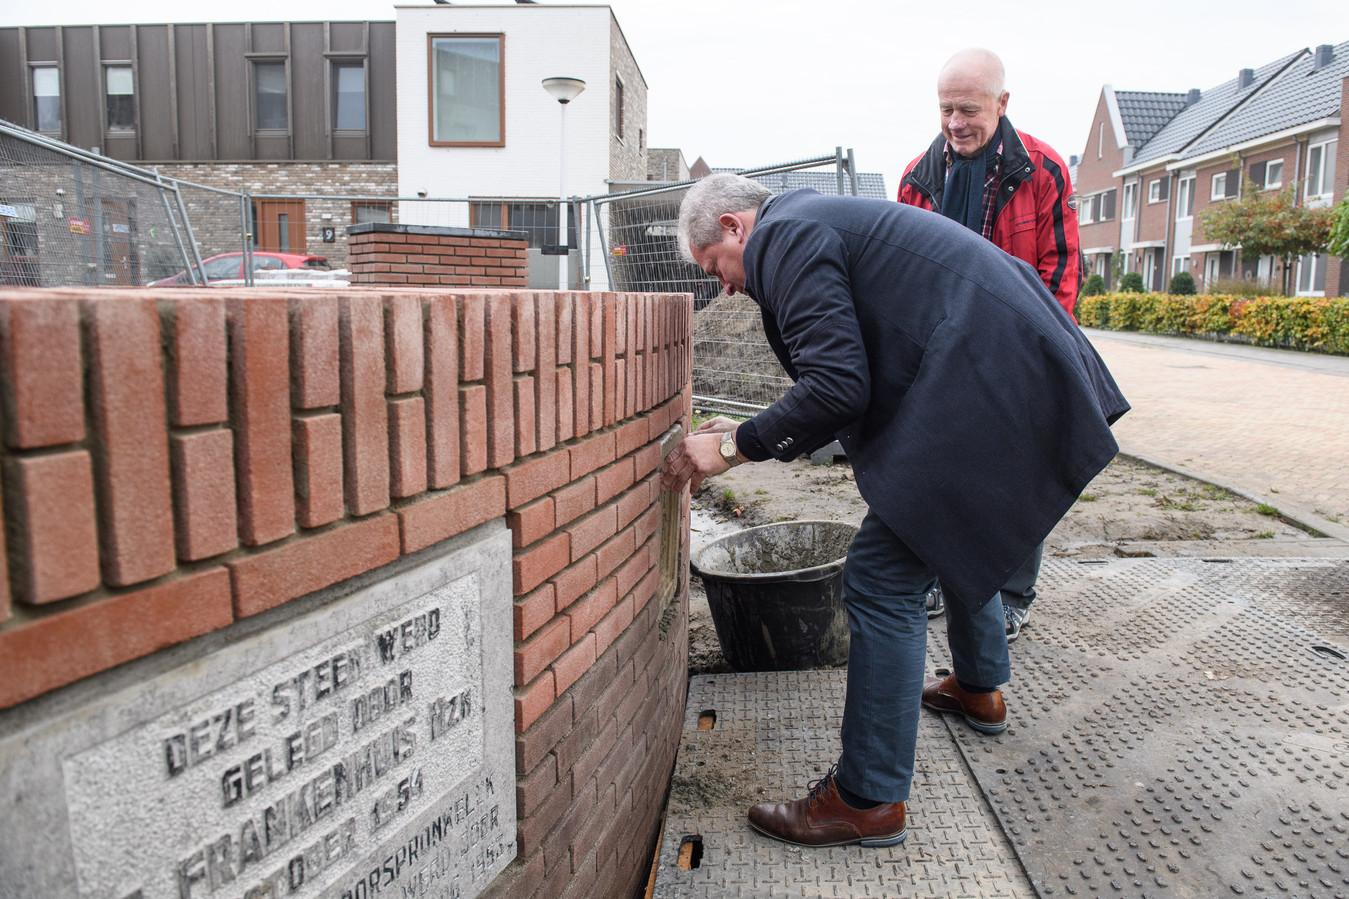 Peter Bos, oud-directeur Frankenhuis en nazaat van oprichter Salomon Frankenhuis, metselt symbolisch de 'eerste stenen' van de textielfabriek in een stenen bankje bij woonwijk Nieuw Frankenhuis. Jan Goorhuis (achter) is de initiatiefnemer van het project.